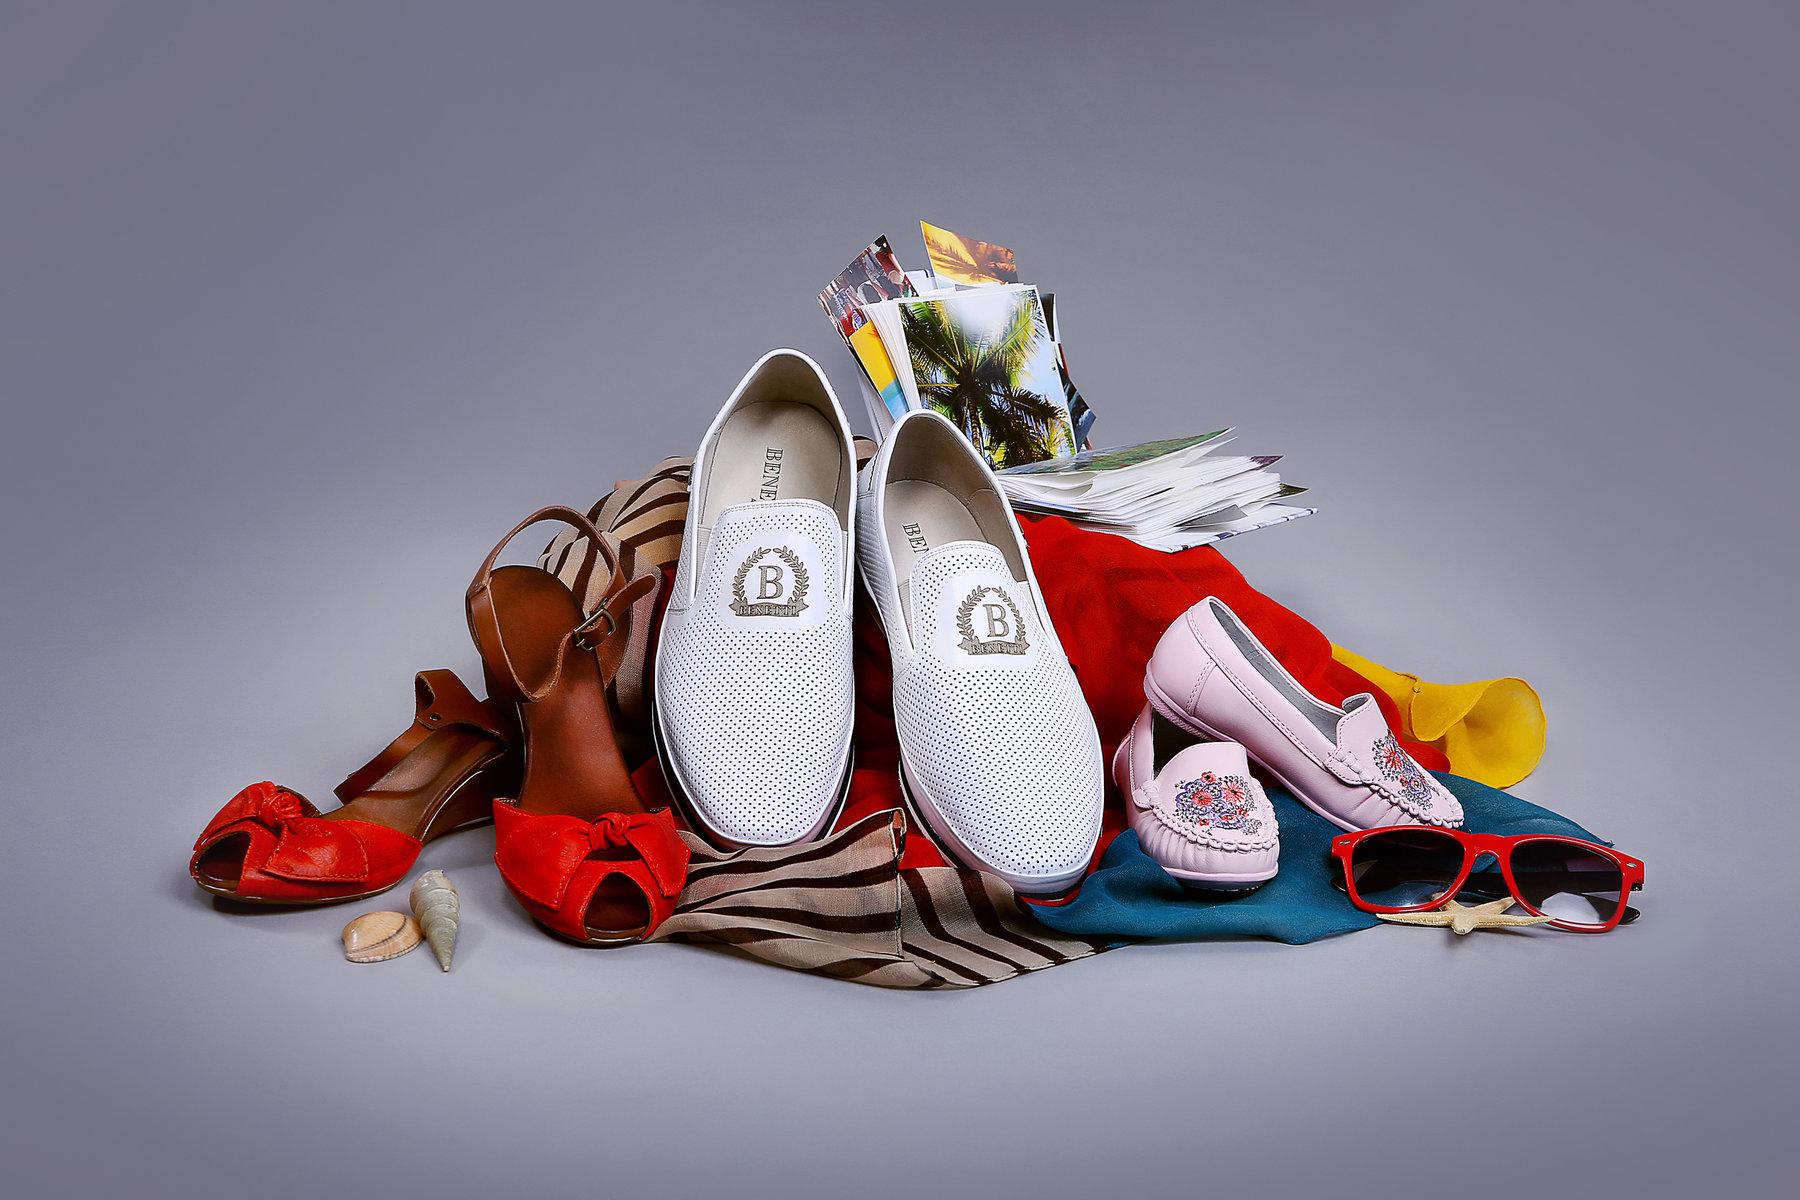 фотографии рекламы обуви абсолютный